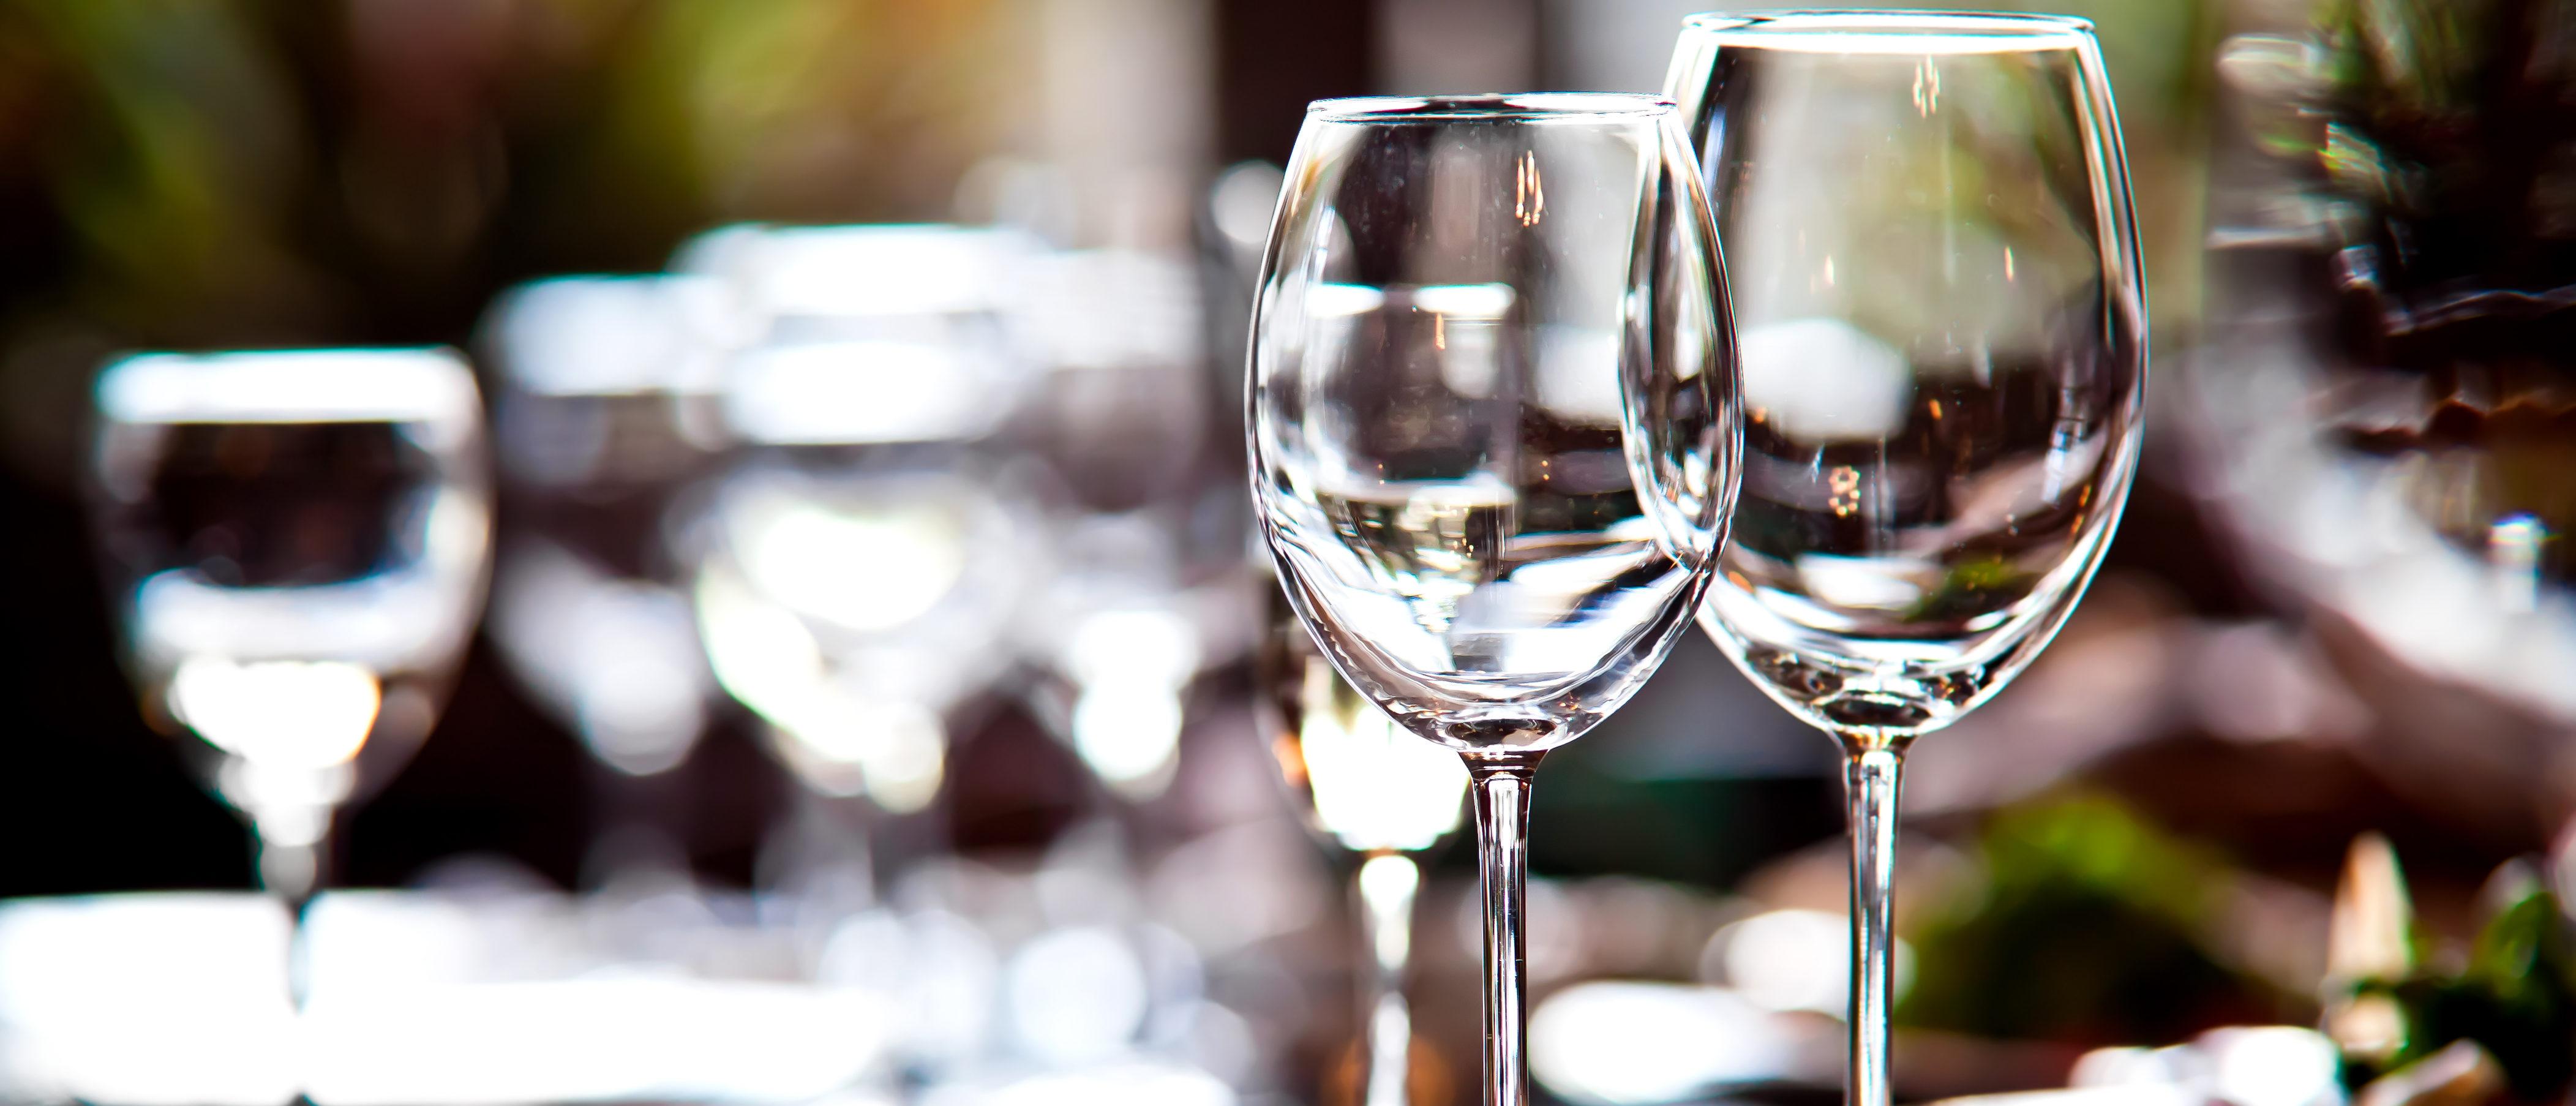 Fancy glasses, Shutterstock.